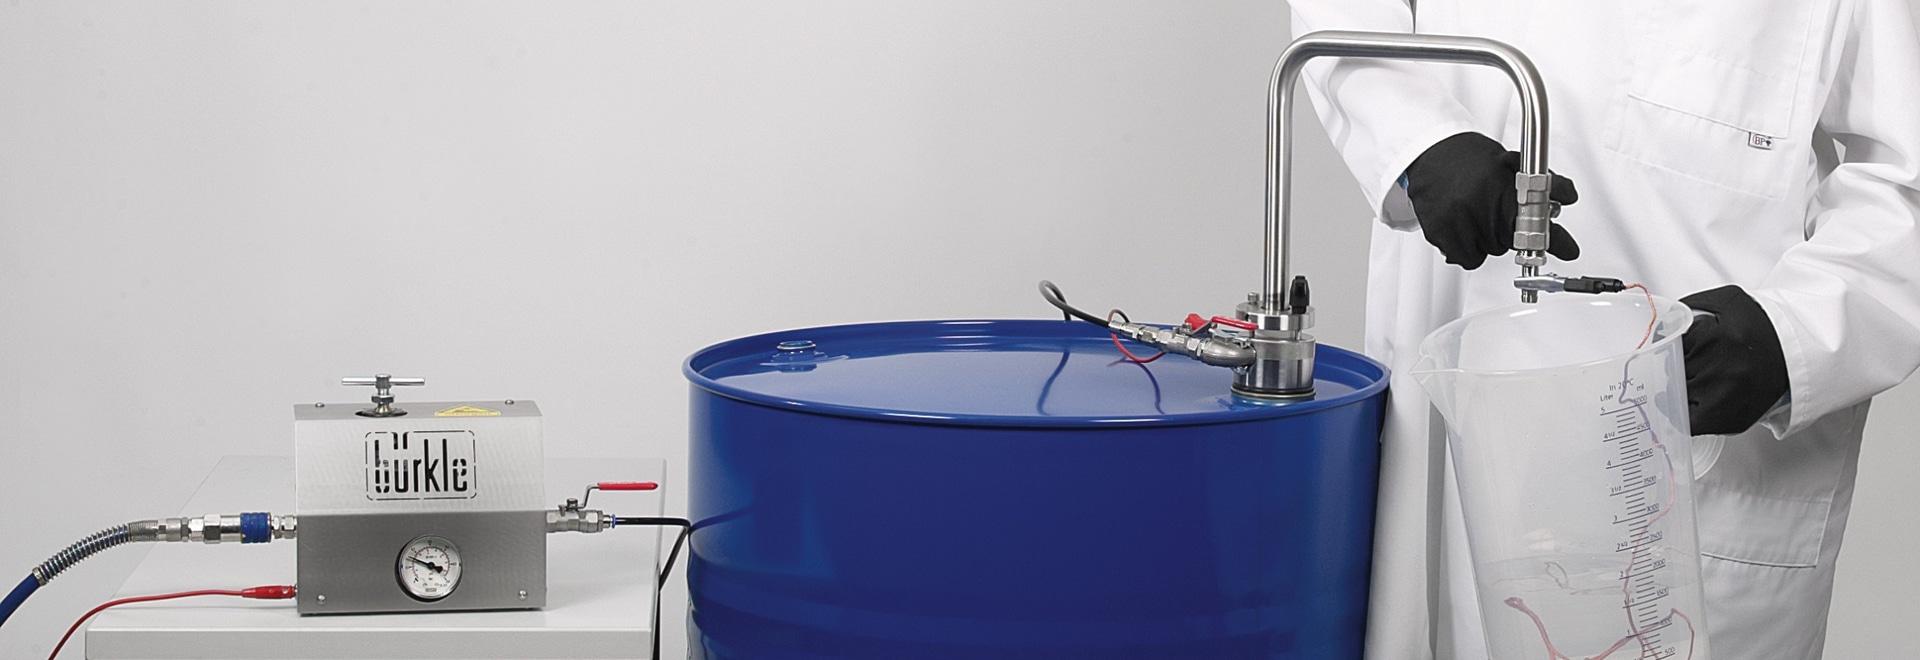 Sistema de extracción de disolventes con tubo de descarga